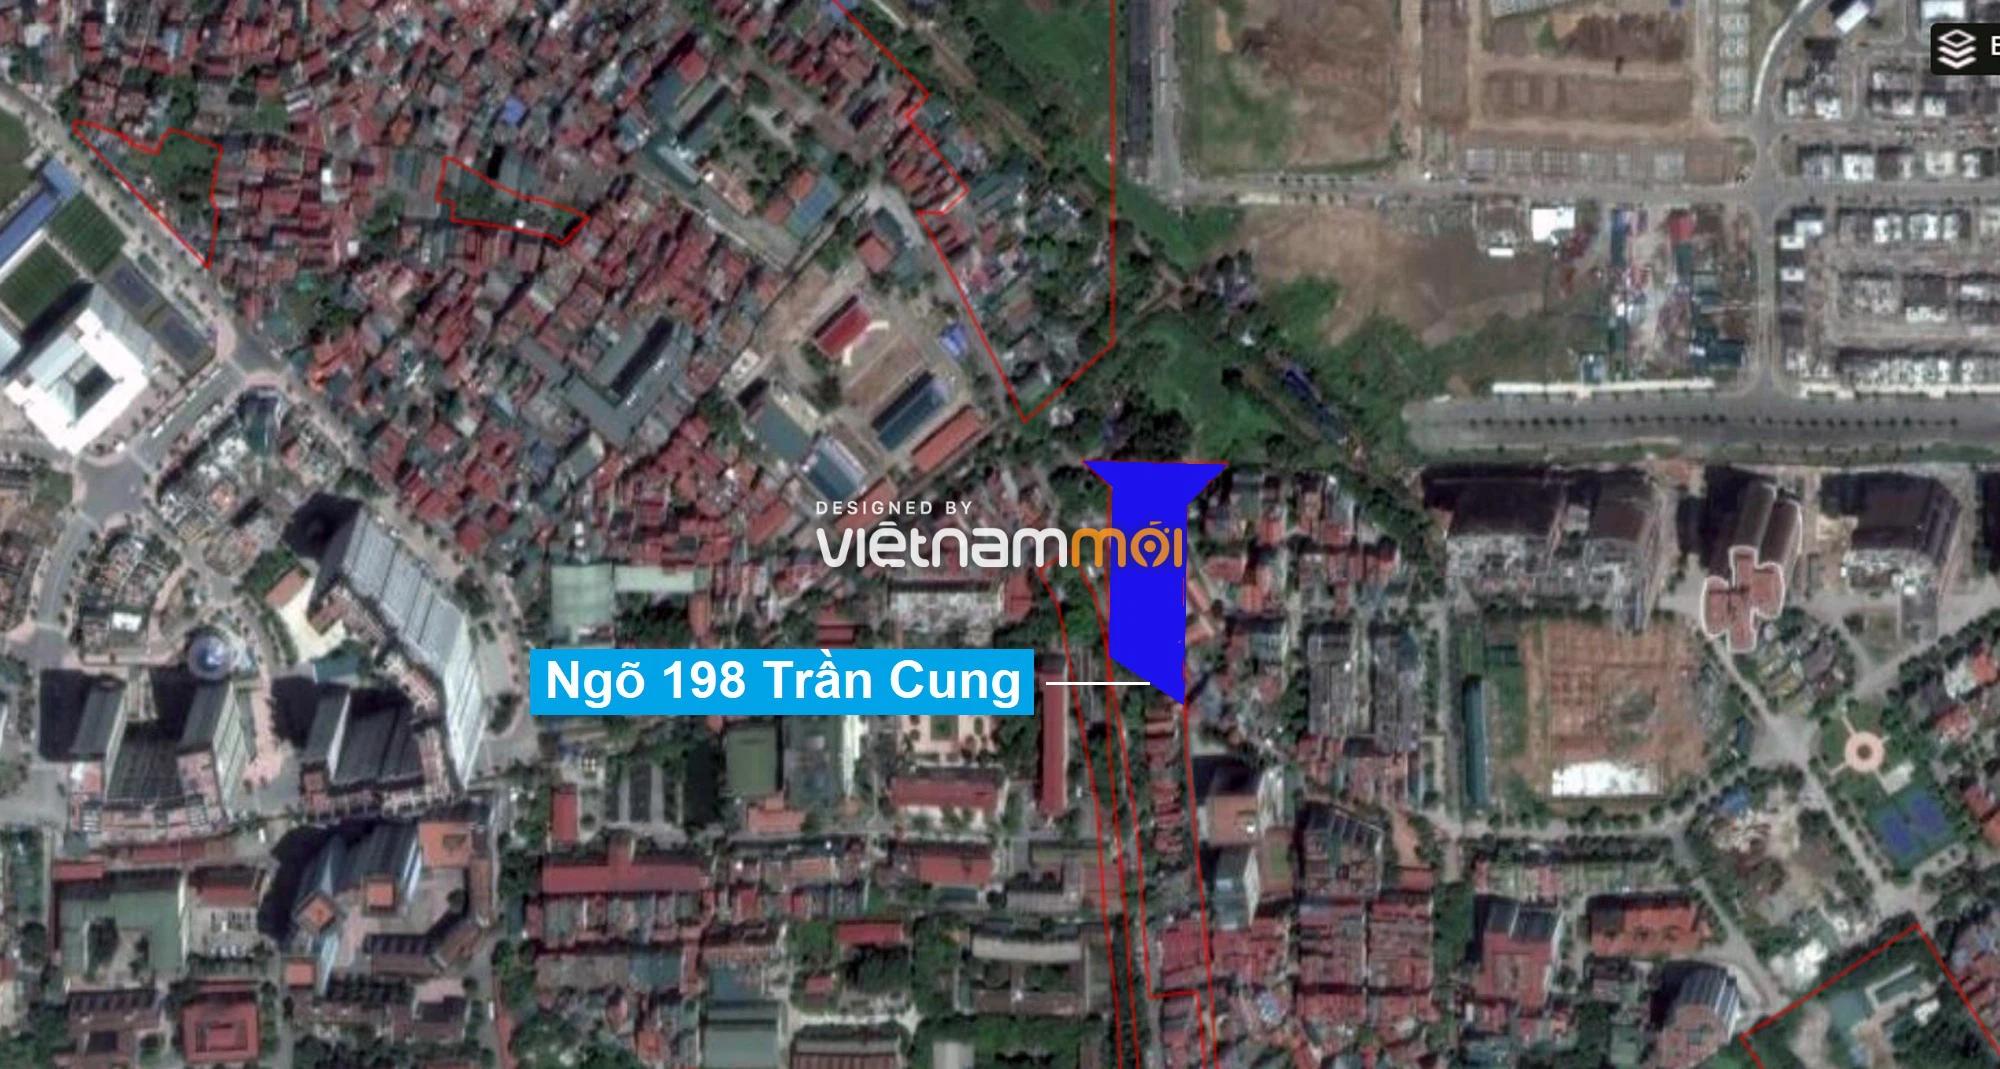 Những khu đất sắp thu hồi để mở đường ở quận Bắc Từ Liêm, Hà Nội (phần 3) - Ảnh 15.